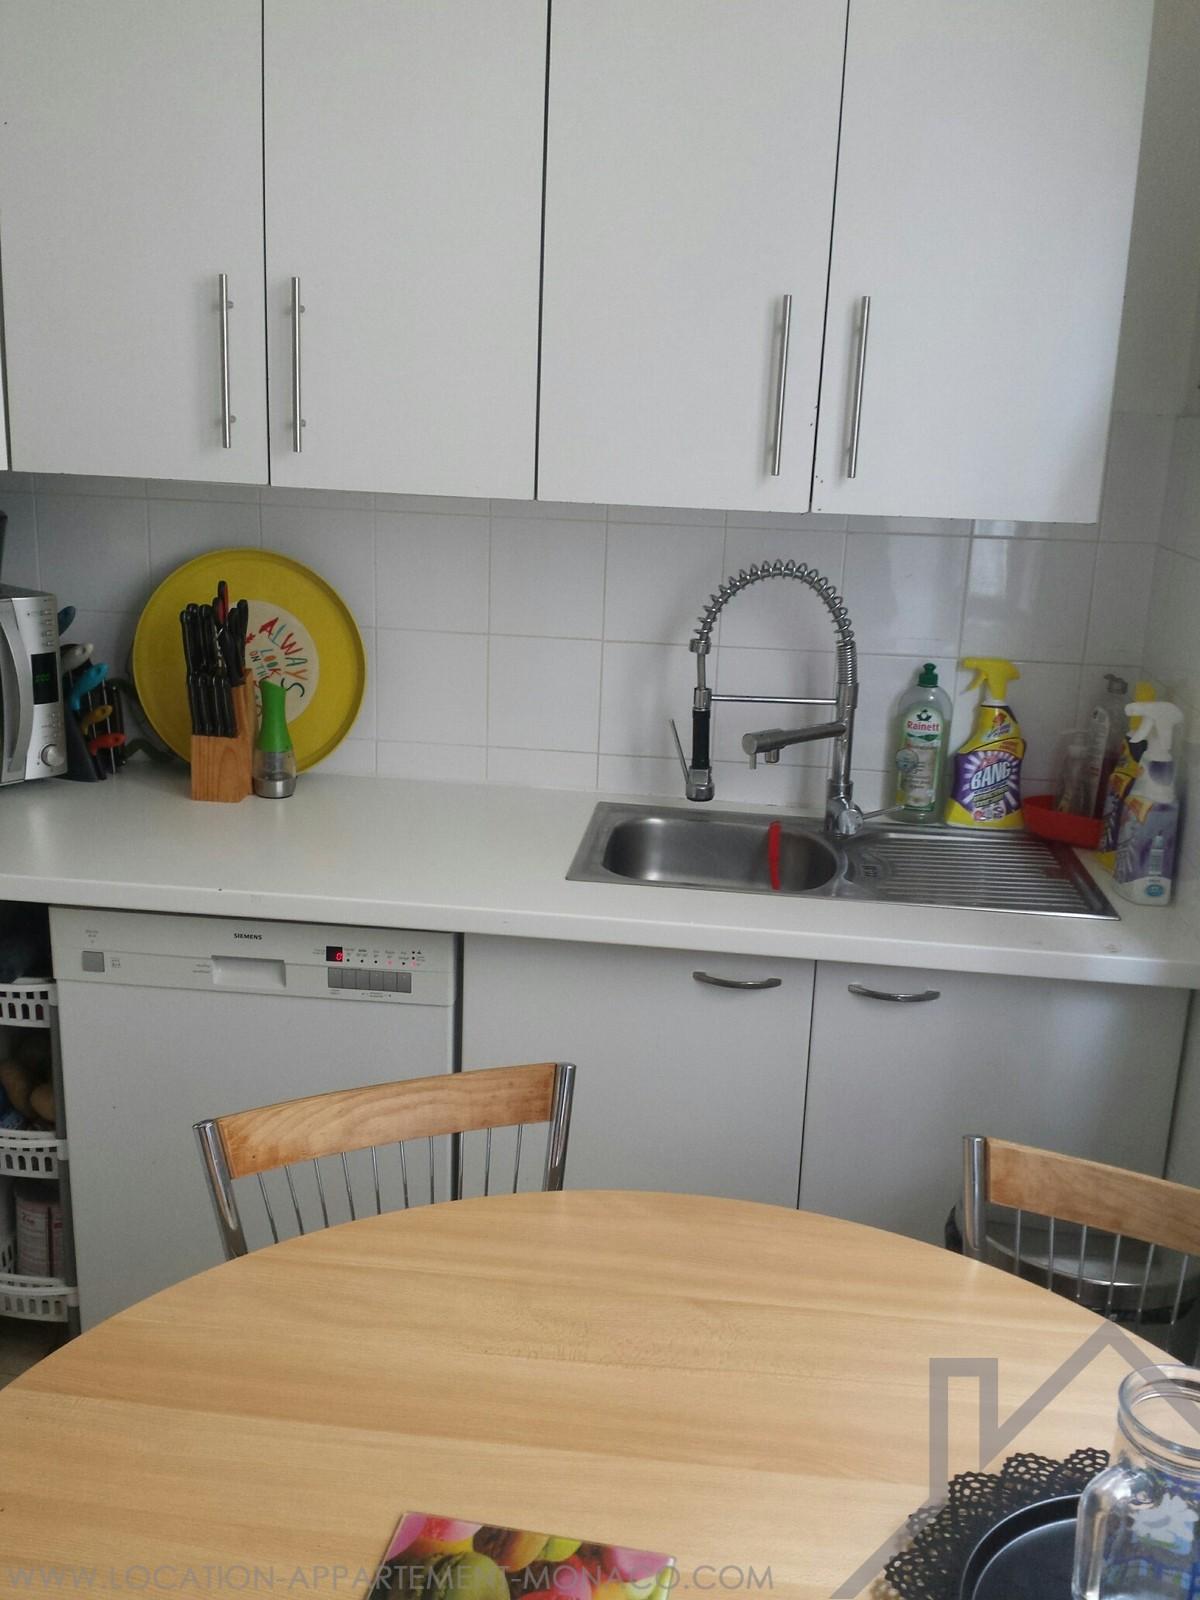 R voires 3 pi ces avec terrasse au calme location d 39 appartements monaco - Cuisine droite ...